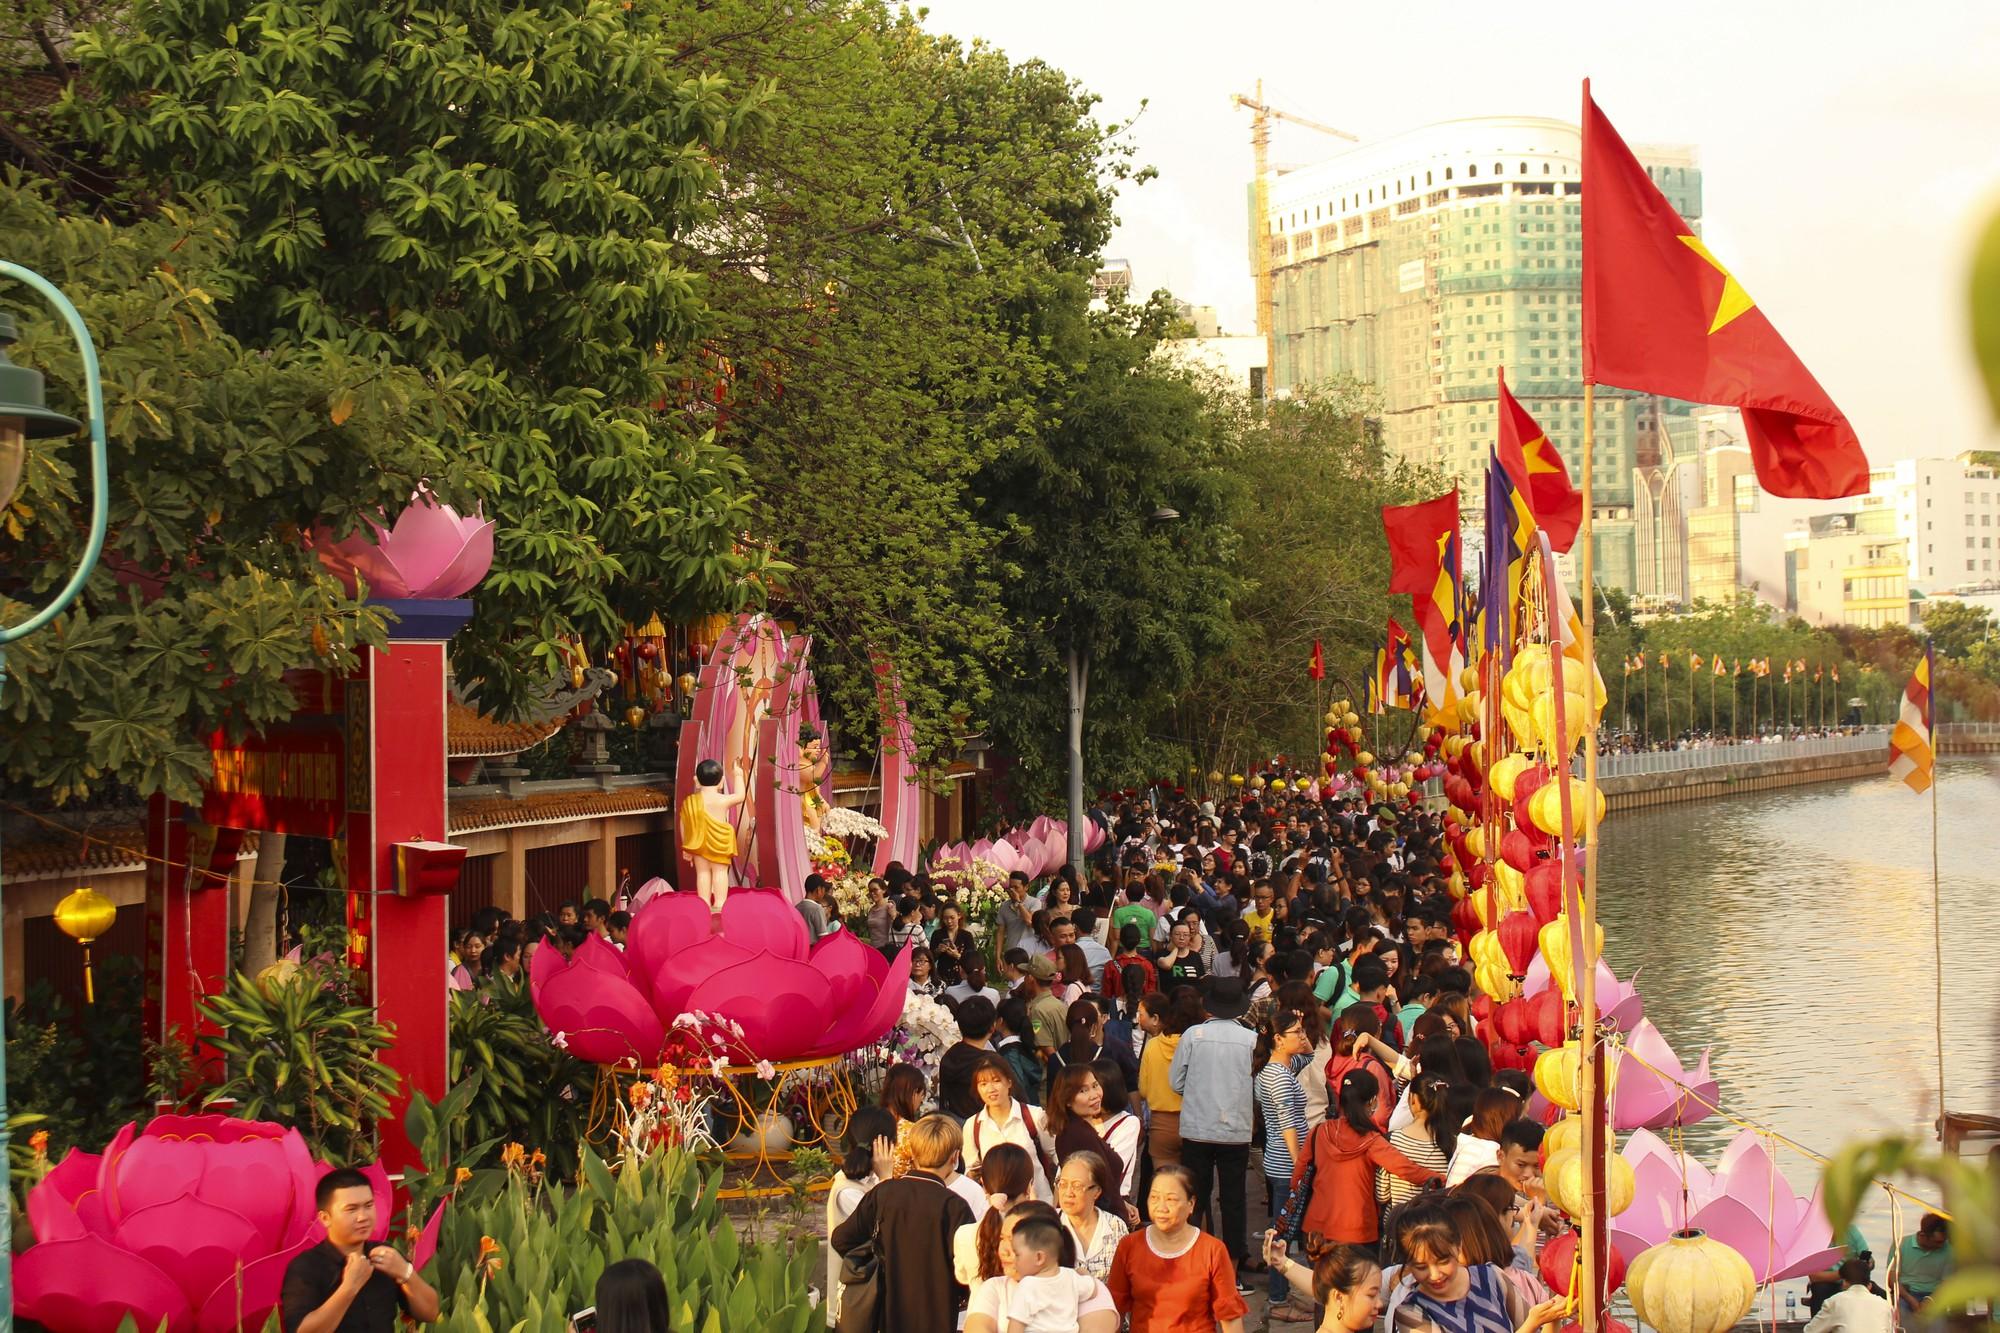 Chùa Pháp Hoa lung linh ngọn đèn hoa đăng ngày lễ Phật Đản - Ảnh 2.